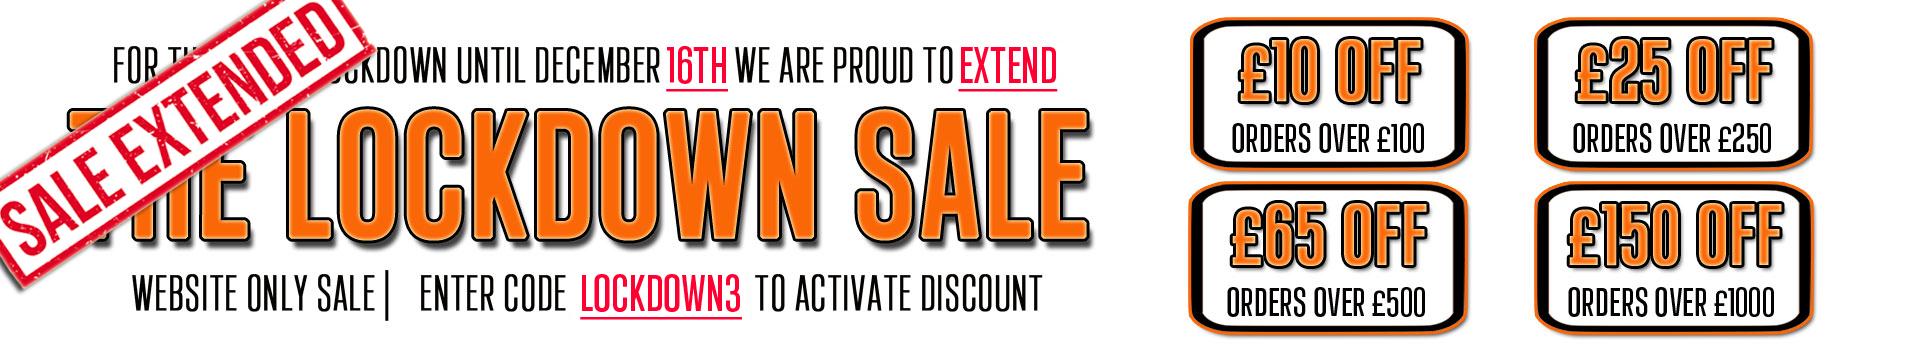 Lockdown Sale Extended